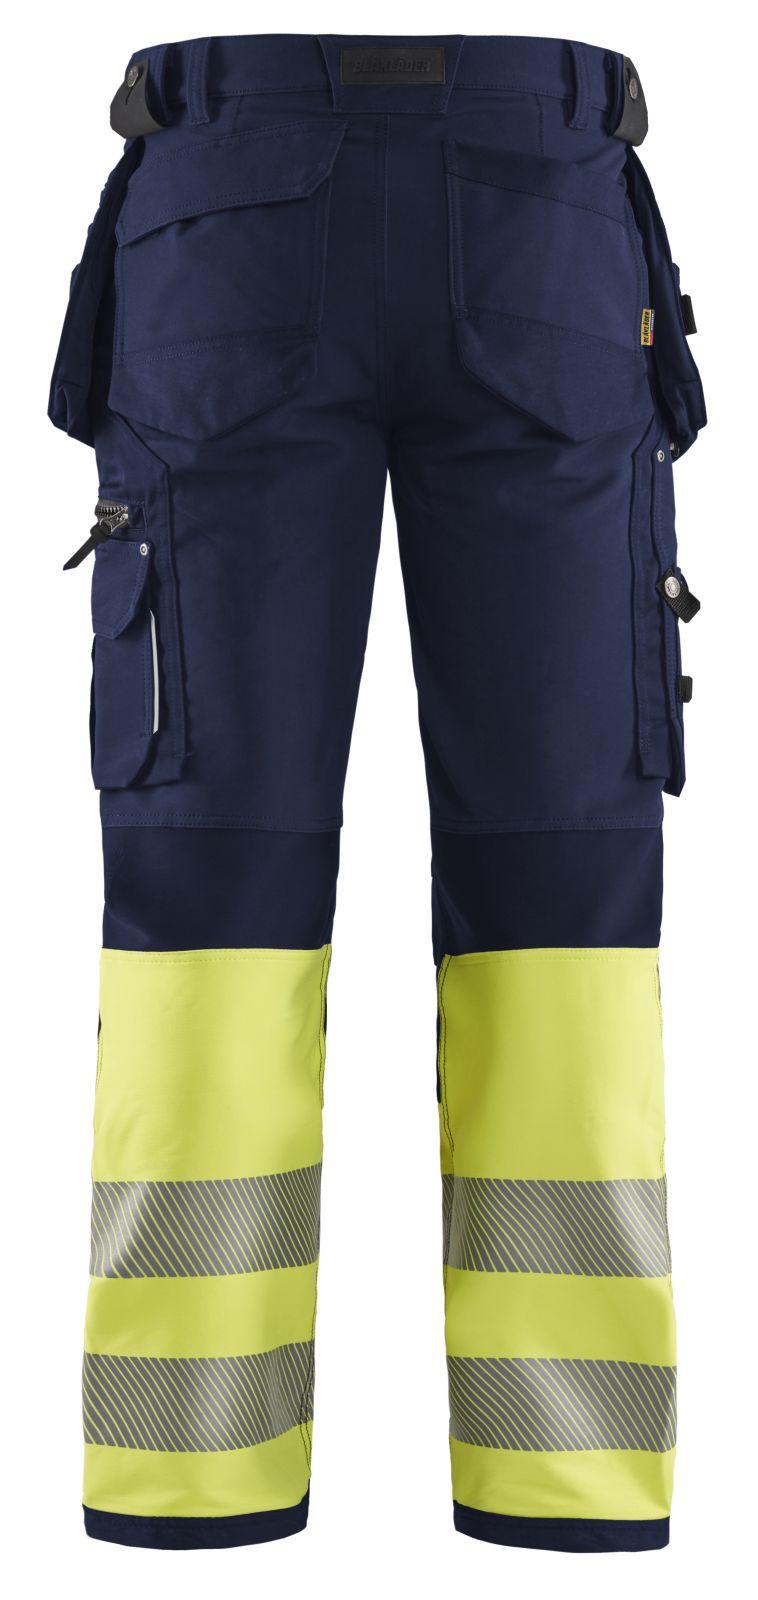 Blaklader Broeken 19931642 marineblauw-fluo geel(8933)